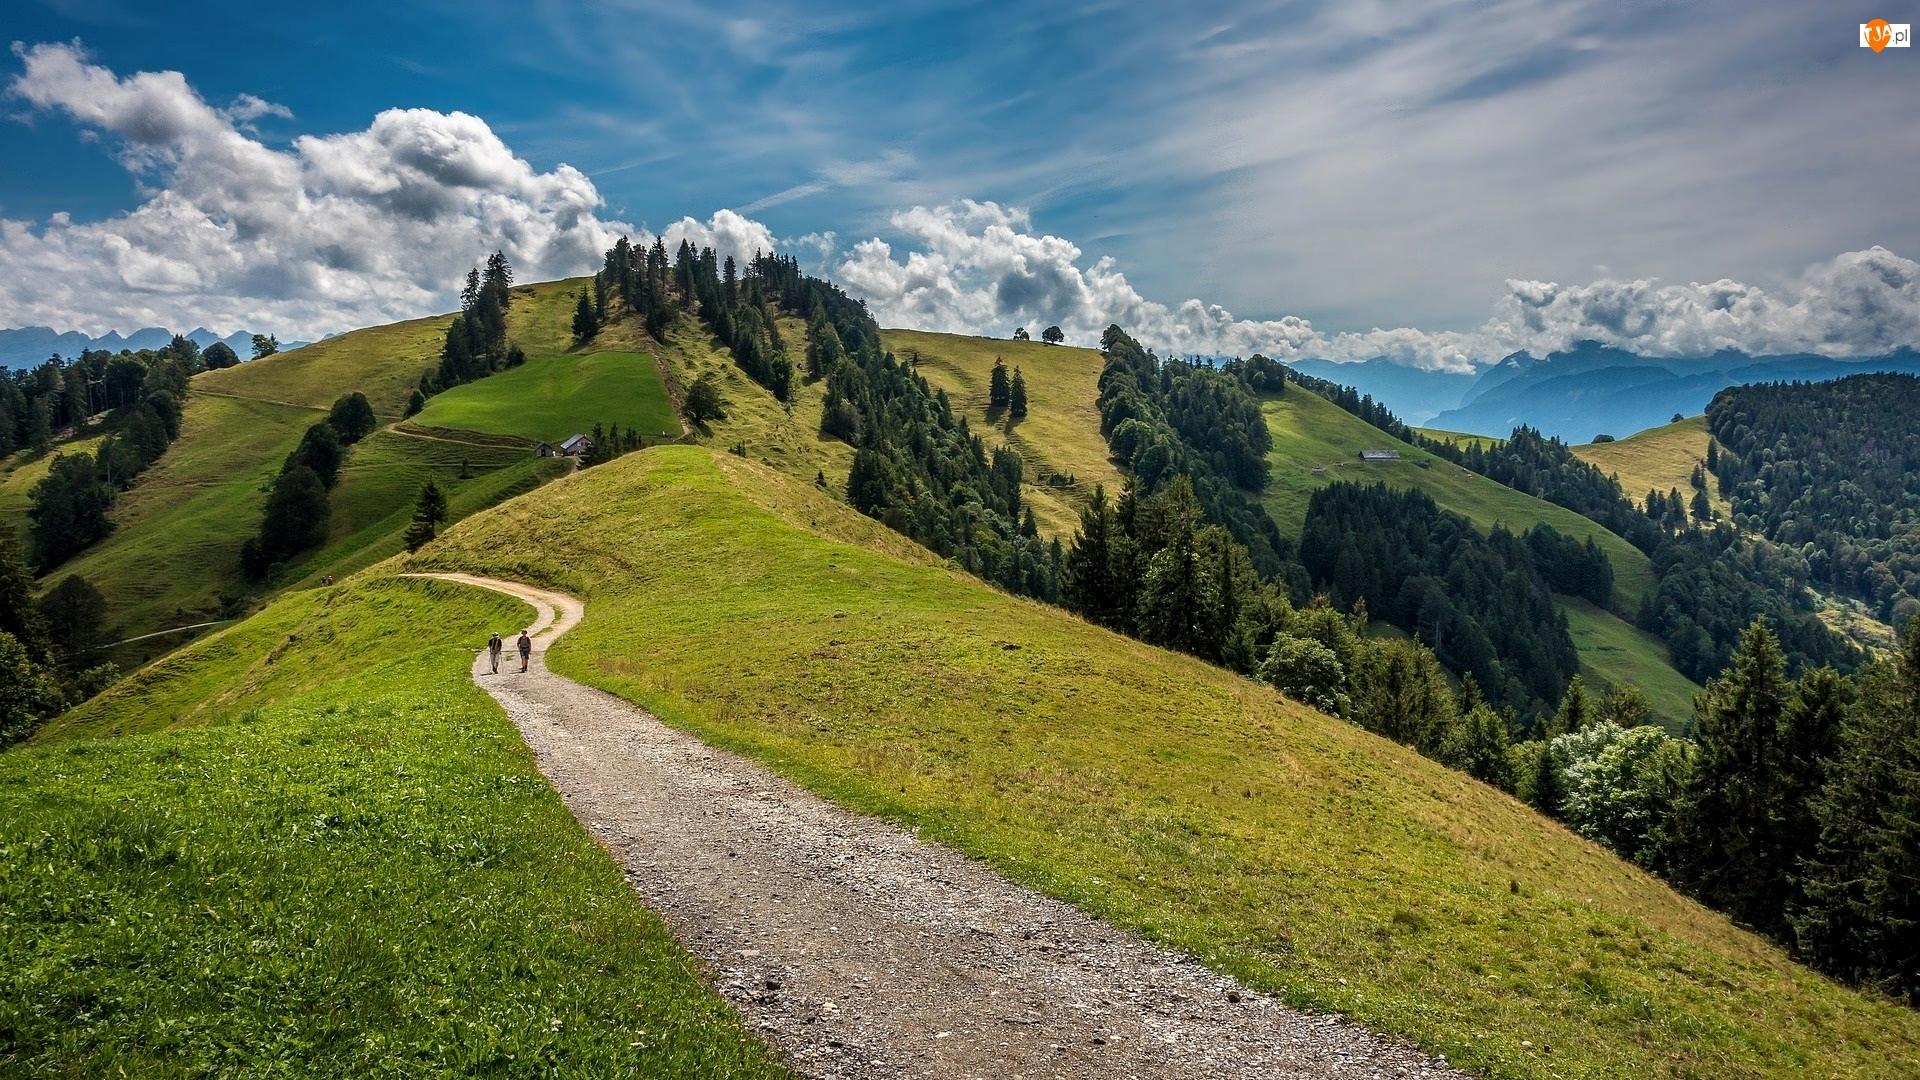 Zielone, Góry, Droga, Chmury, Wzgórze, Drzewa